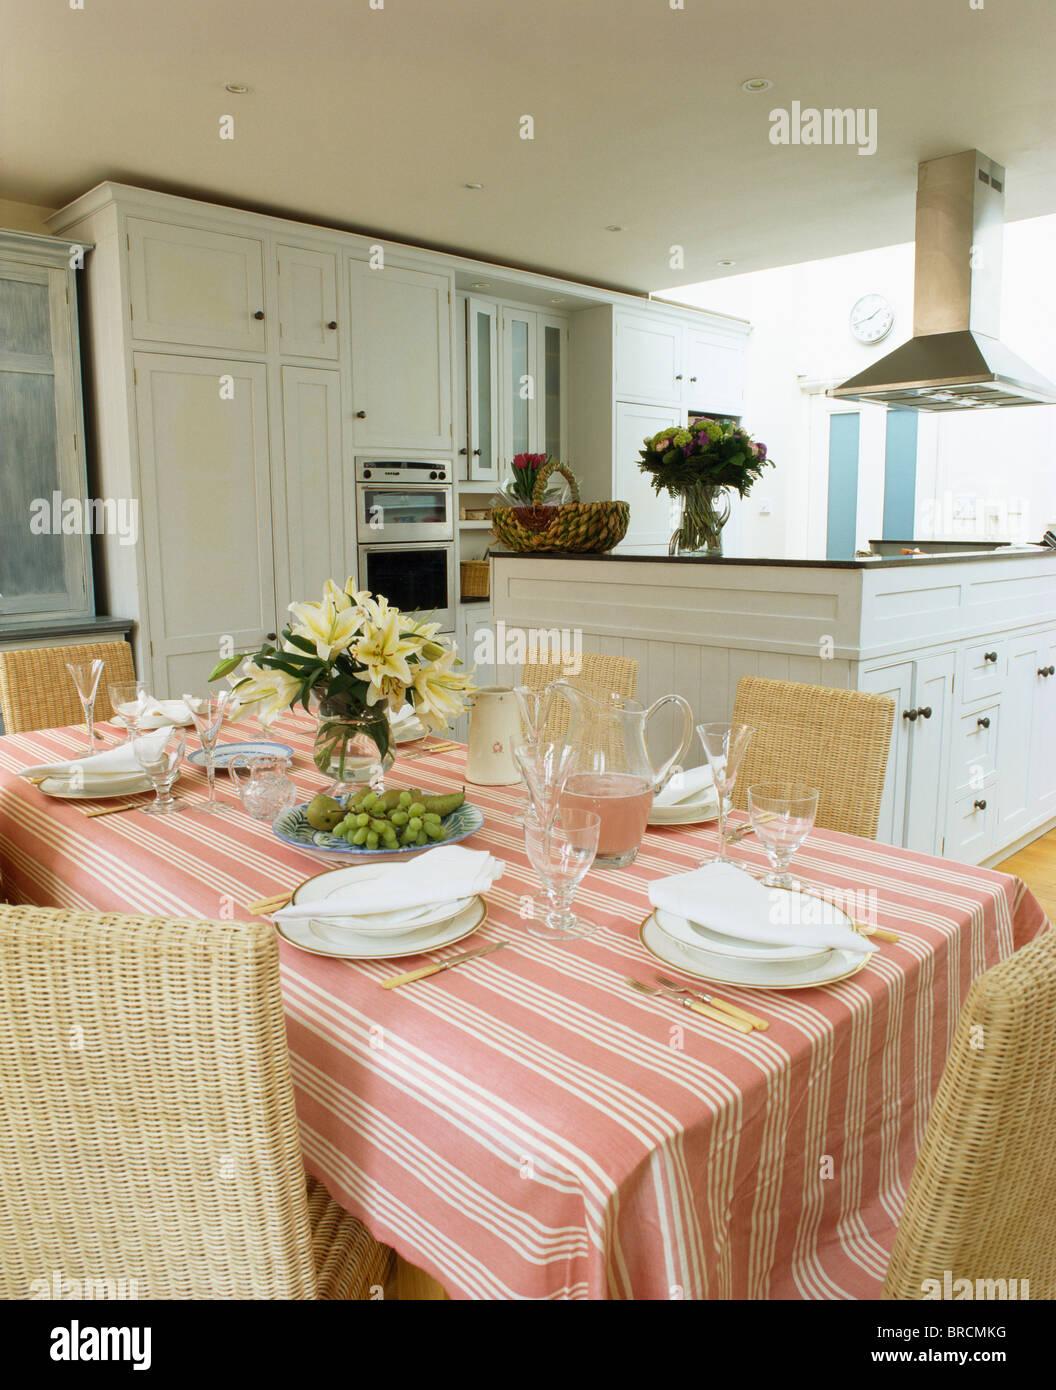 rosa gestreifter baumwolle tuch und wei e geschirr auf den tisch f r das mittagessen in modernen. Black Bedroom Furniture Sets. Home Design Ideas